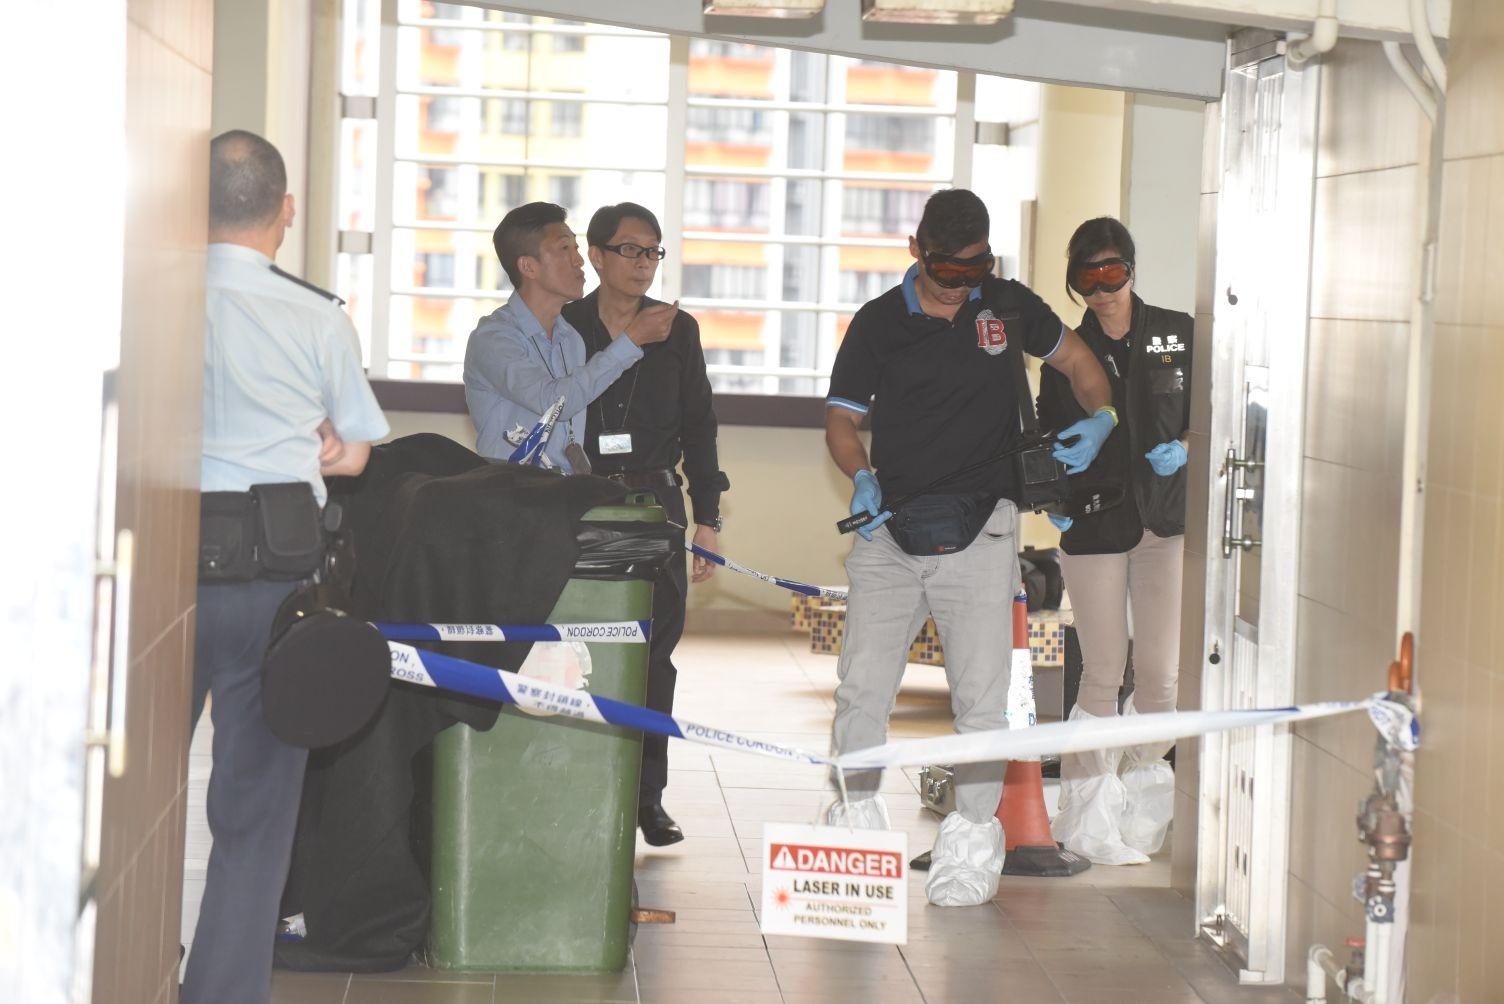 警方封鎖現場調查。徐裕民攝